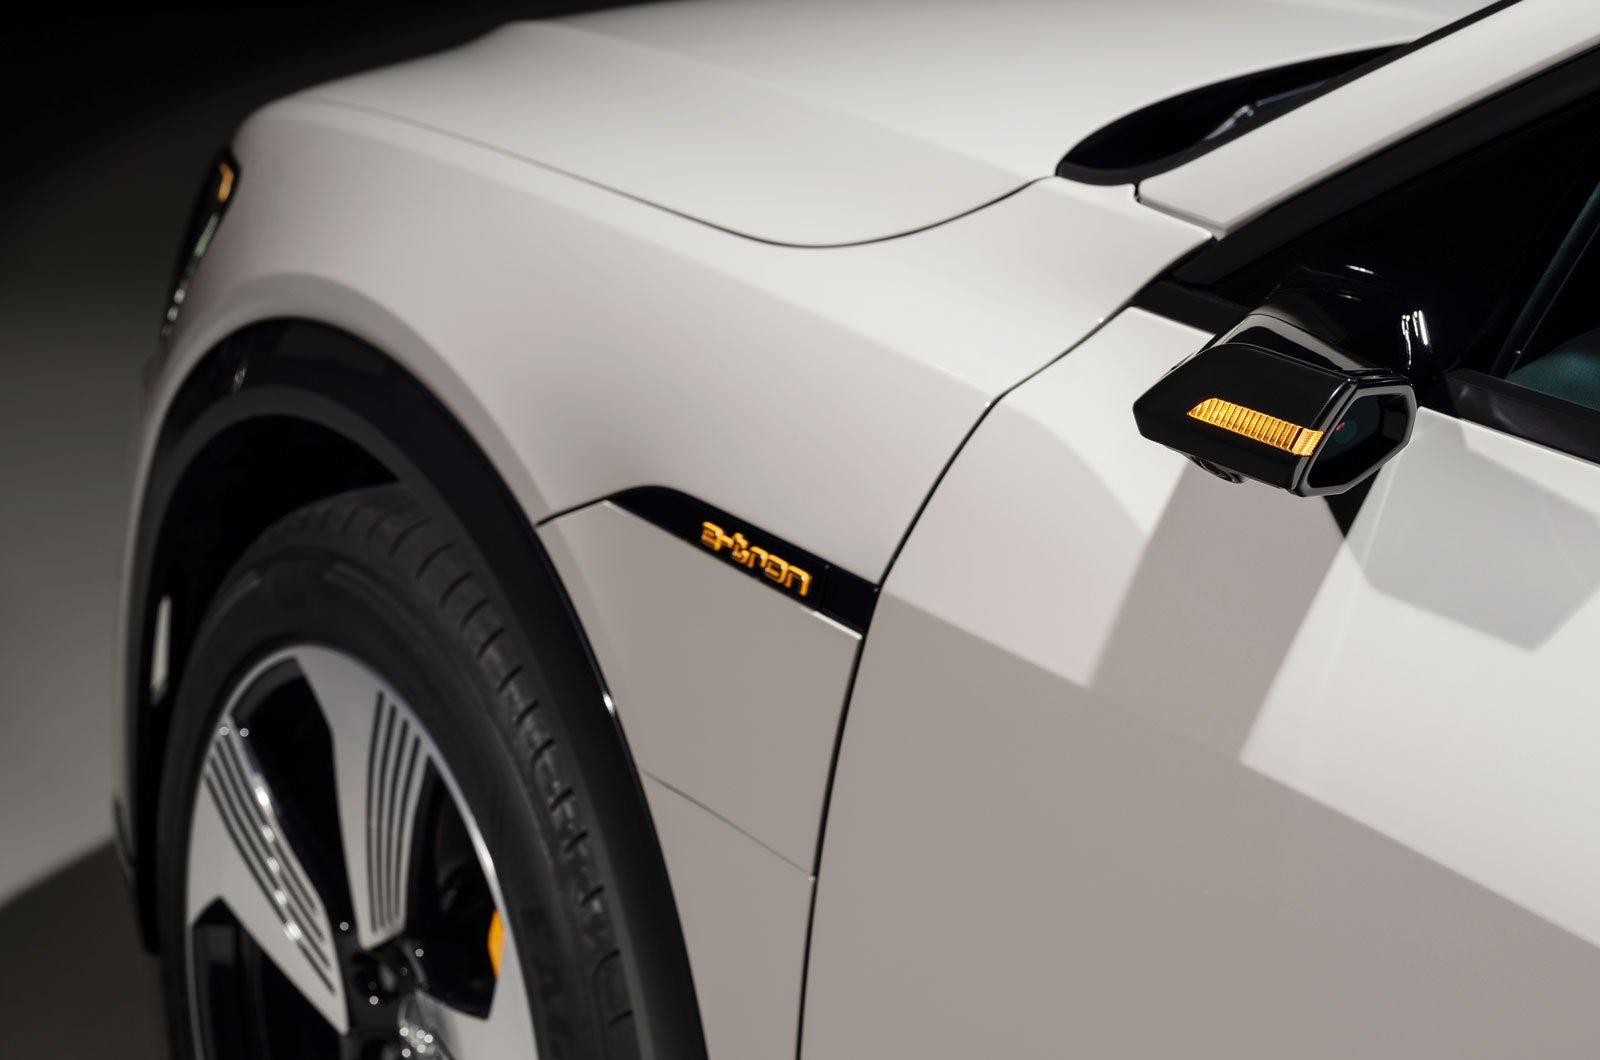 Audi E-Tron wing mirror